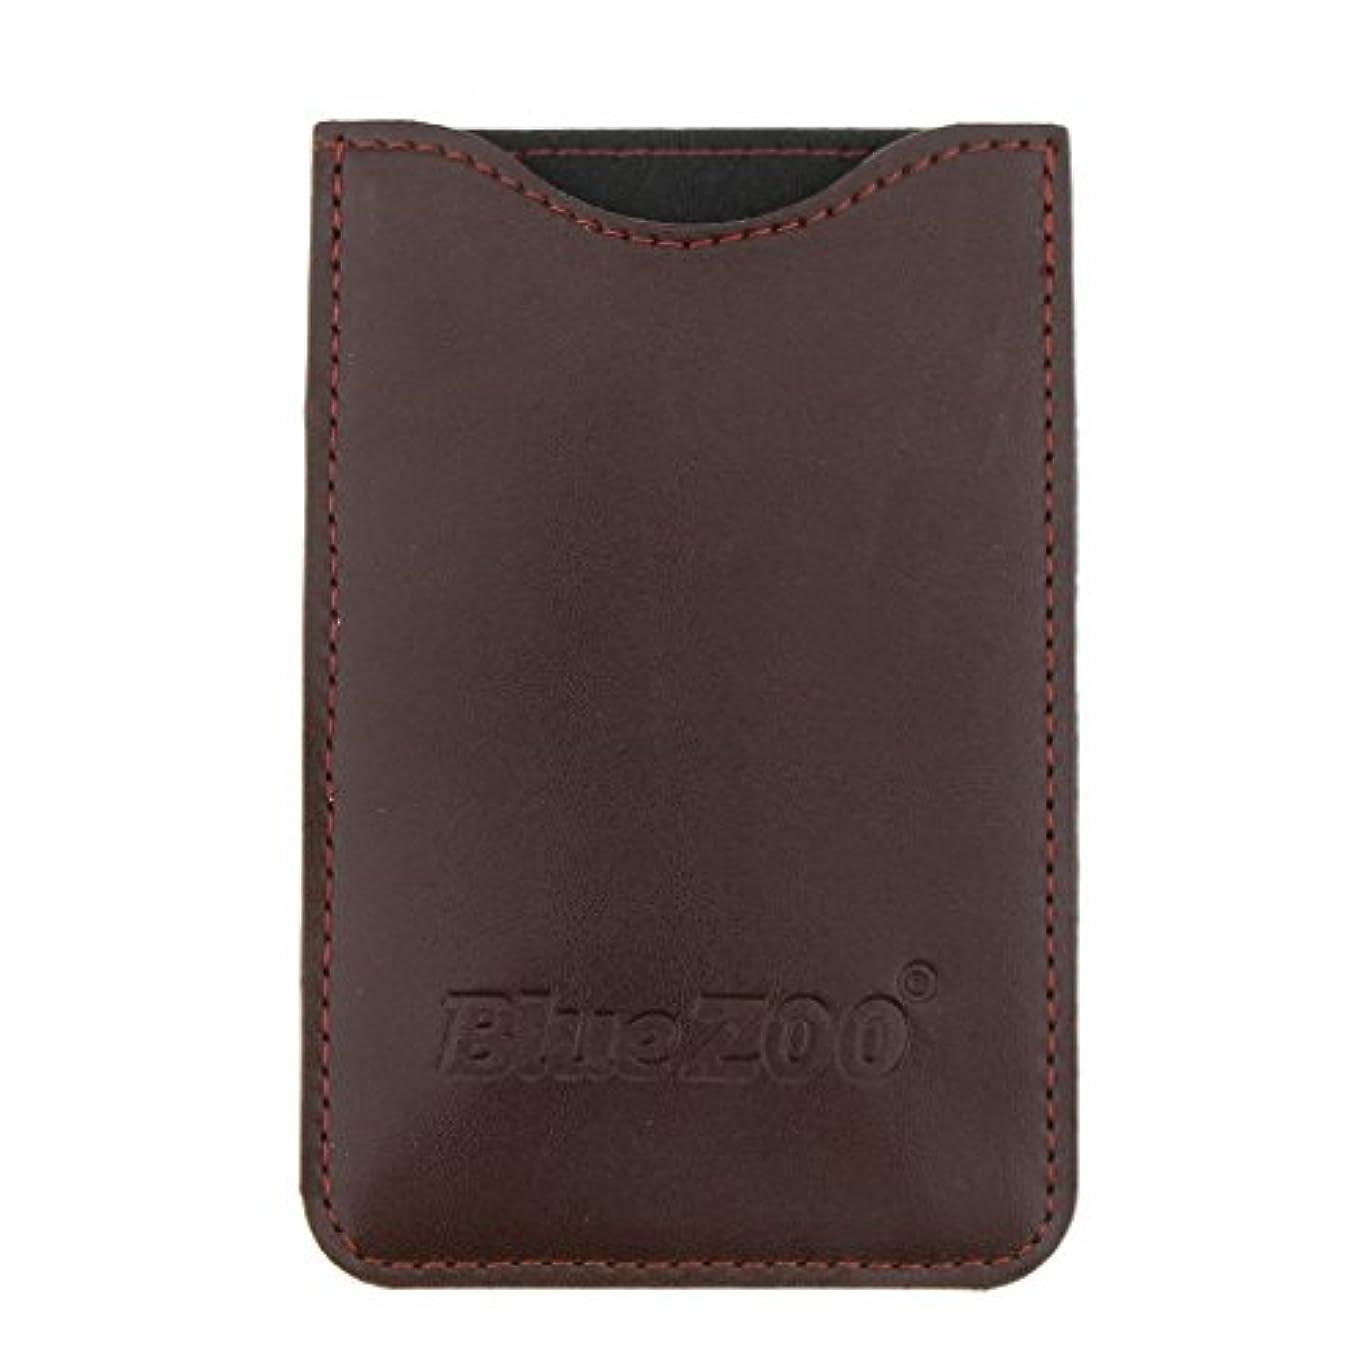 想定する競争力のある自発的コームバッグ 収納ケース 収納パック 保護カバー PUレザー 櫛/ヘアブラシ/名刺/IDカード/銀行カード バッグ オーガナイザー 全2色 - 褐色